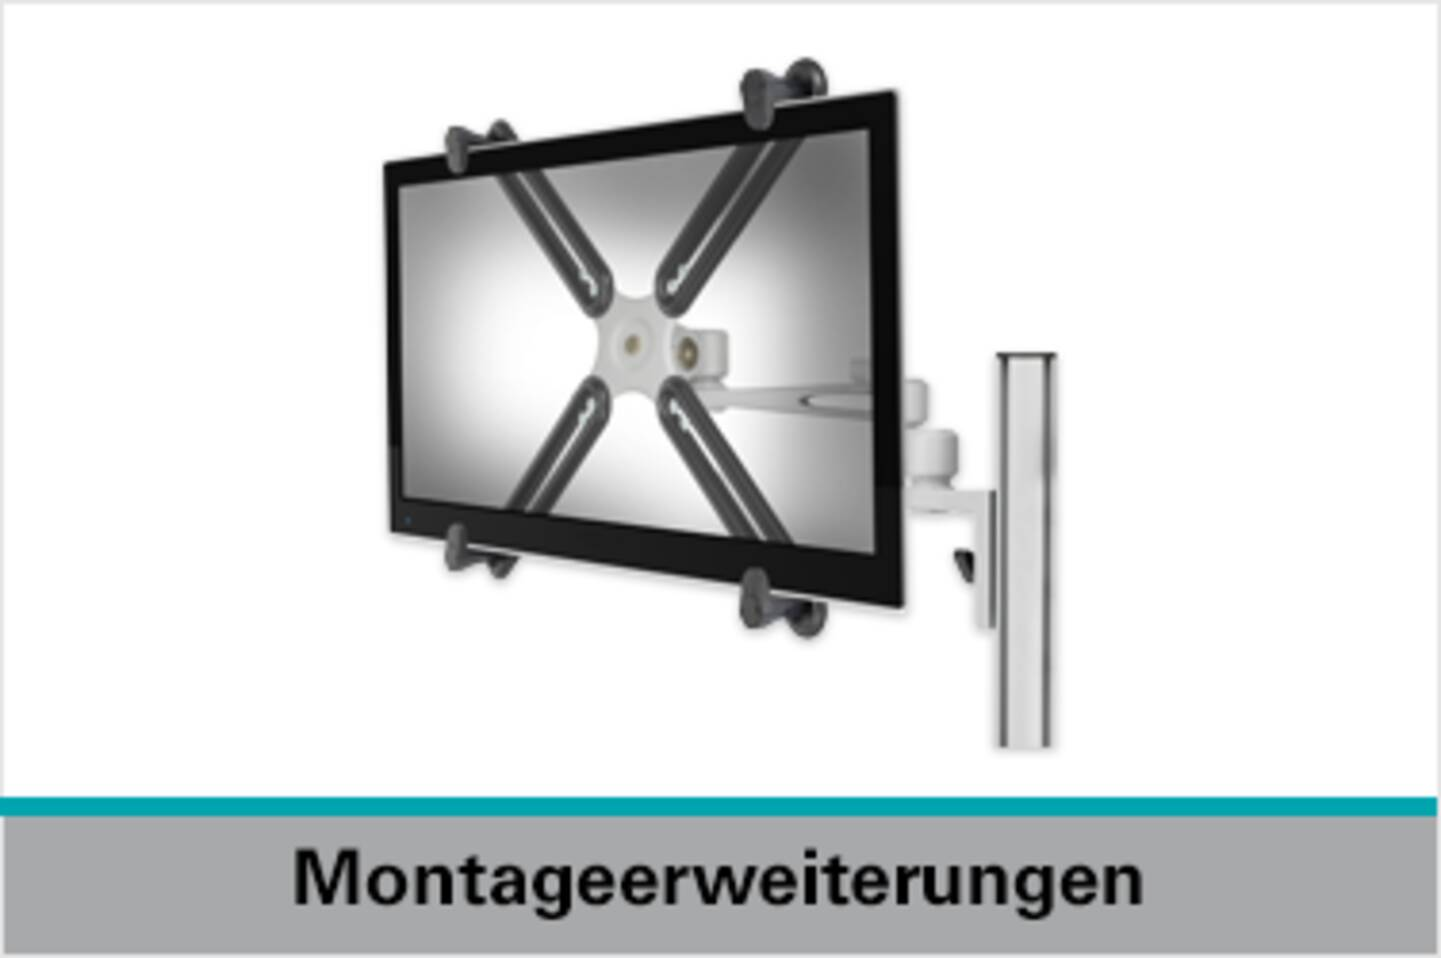 Speaka Professional Montageerweiterungen